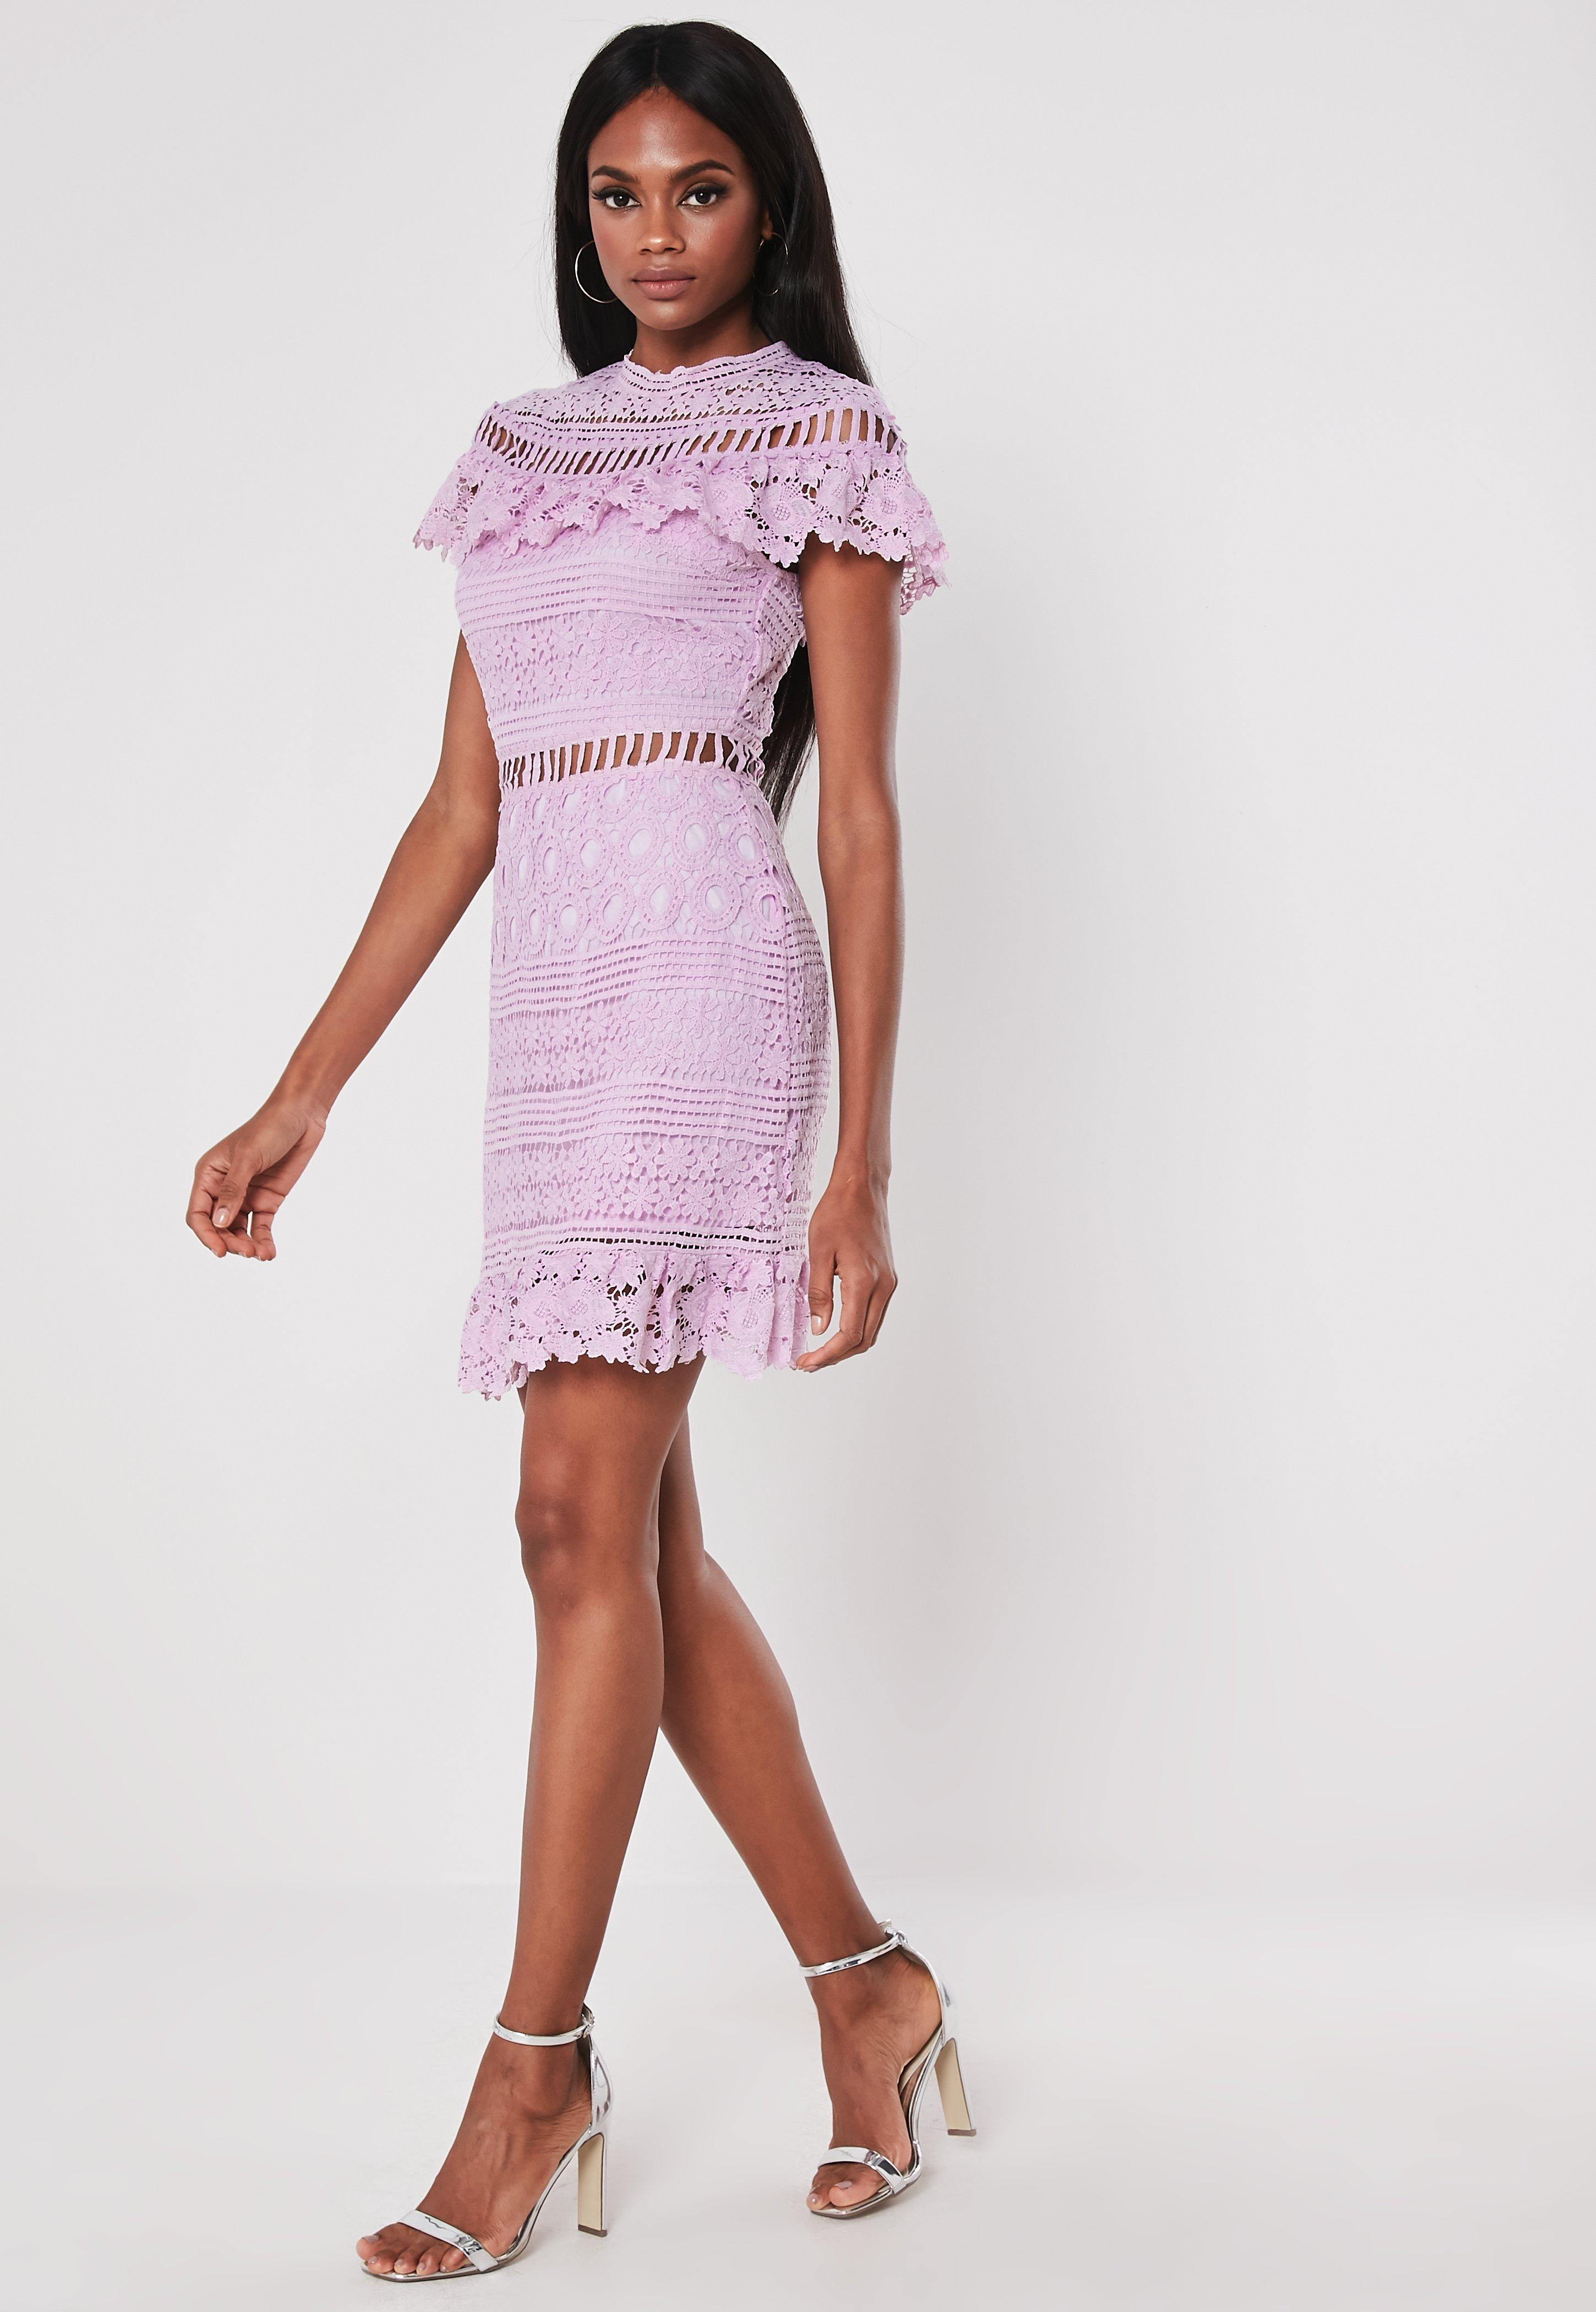 830afdd55246 Lace Dresses